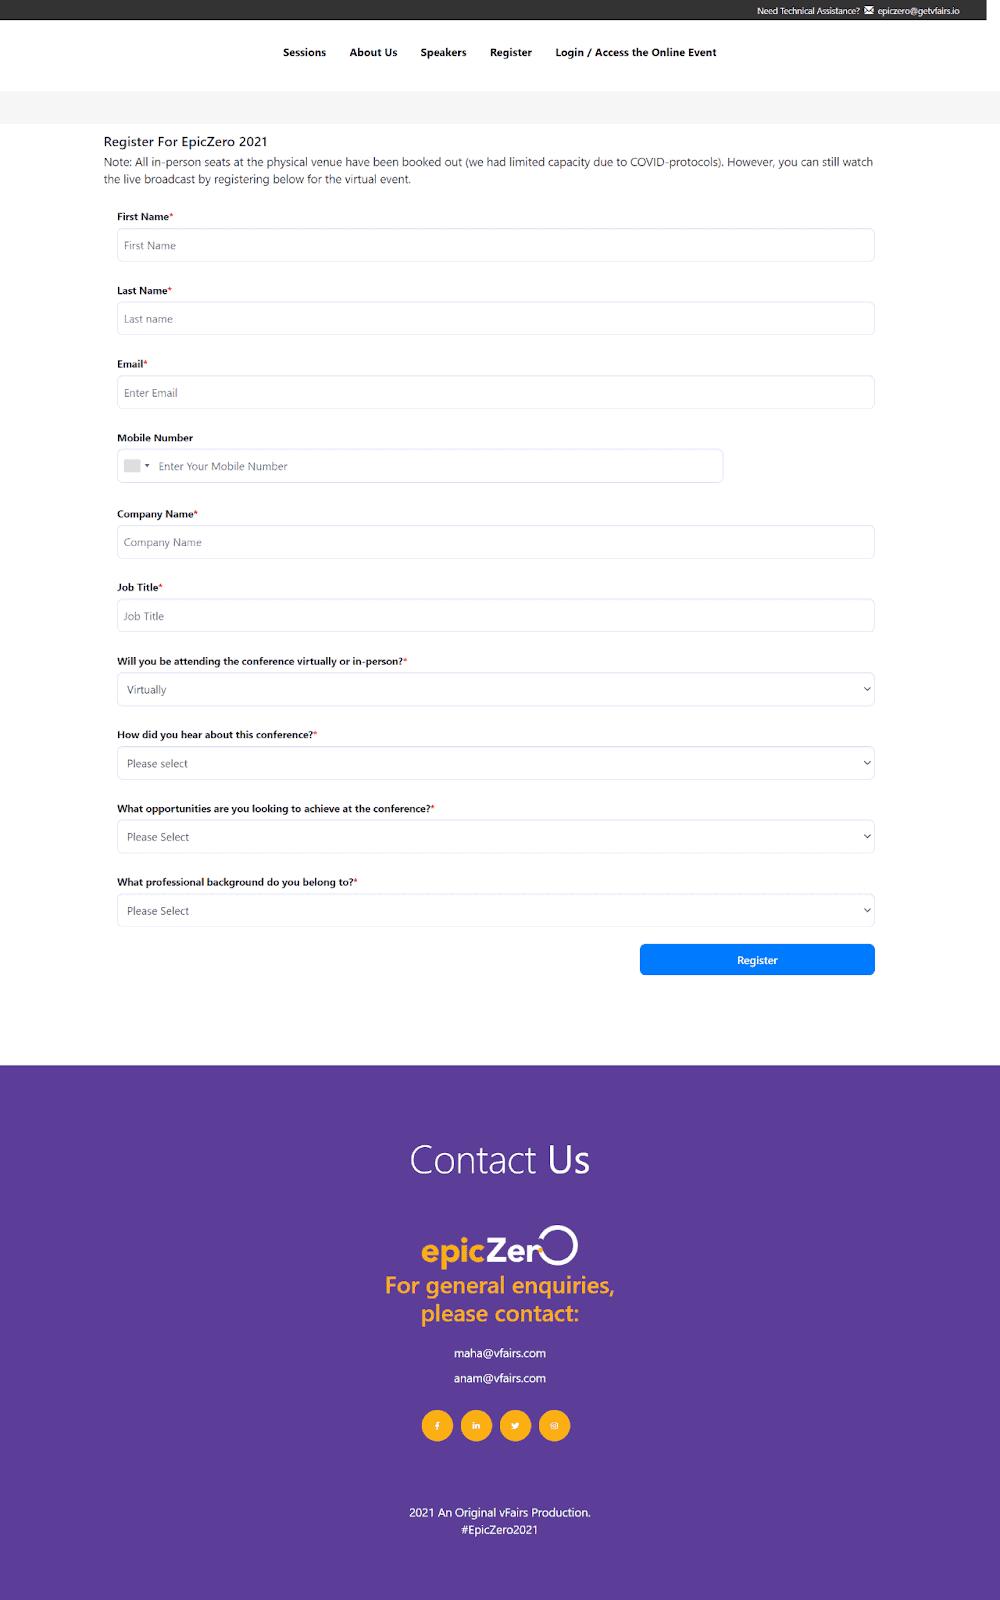 epiczero registration